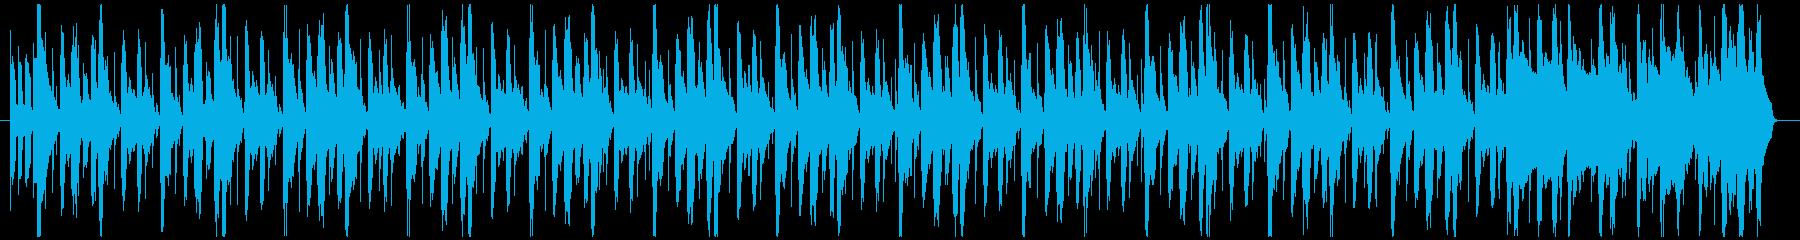 シンキングタイム〜タイムリミットの再生済みの波形